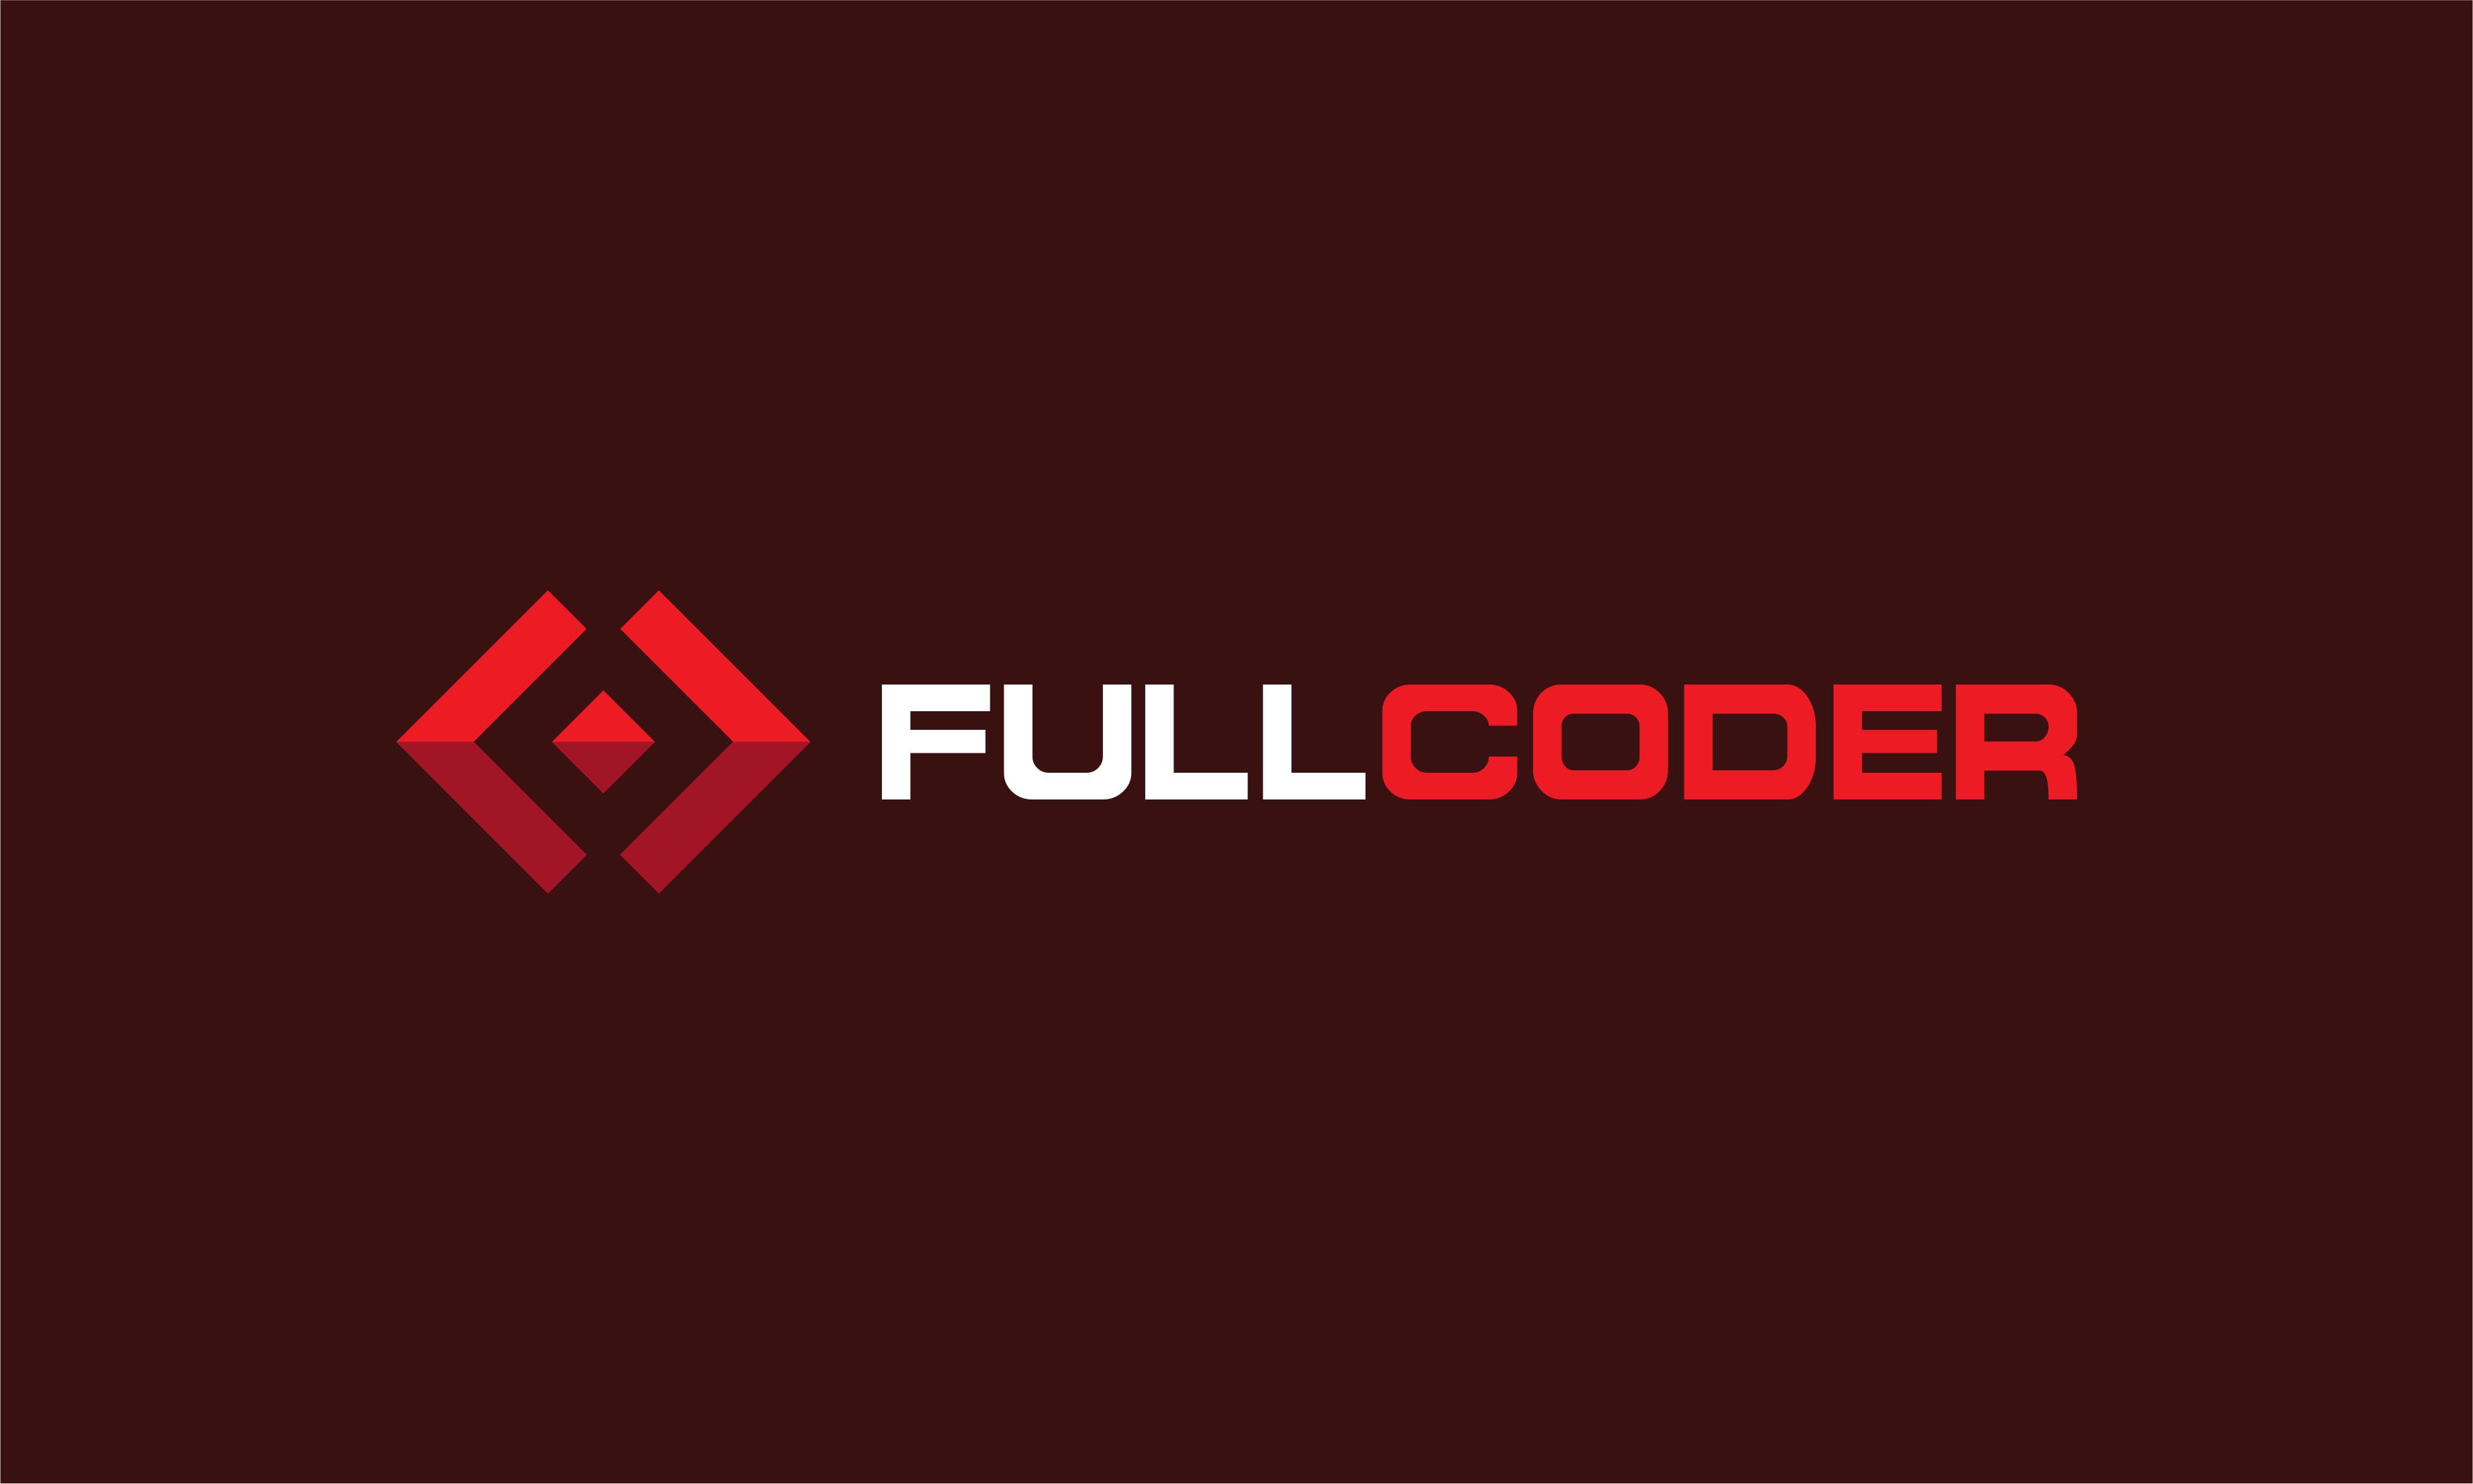 Fullcoder